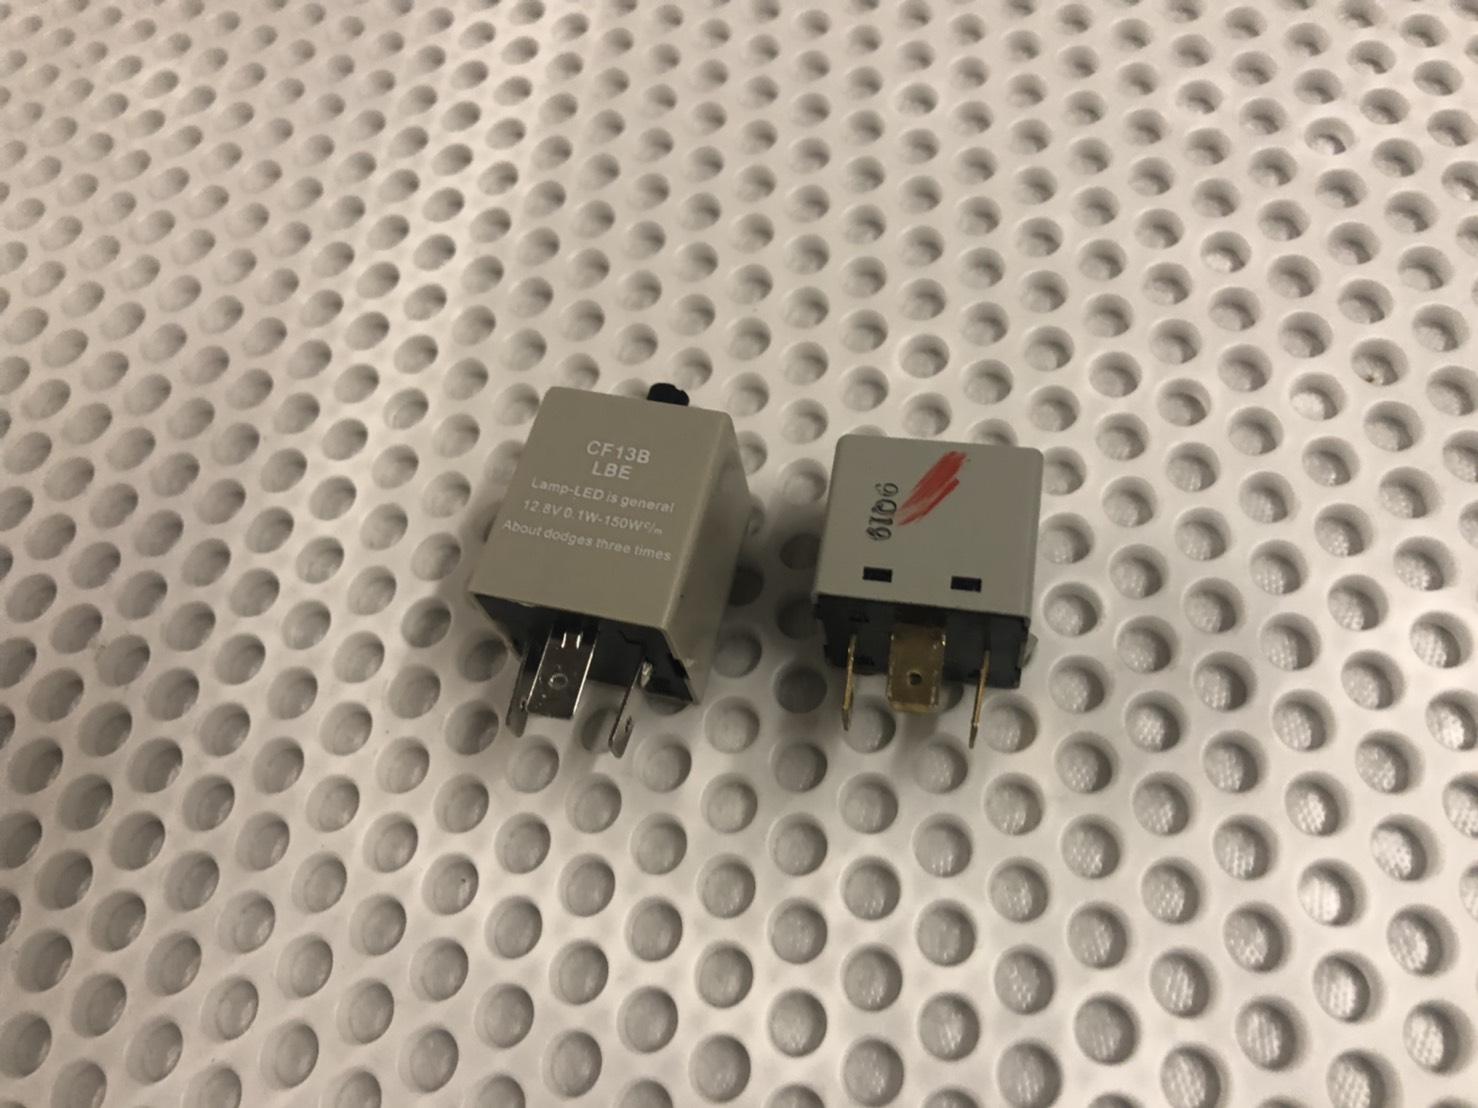 超簡単!!スズキ DA16T キャリィをカスタム 小ネタ集 バックランプ交換 ドアスピーカー設置 LEDハイフラ防止リレー